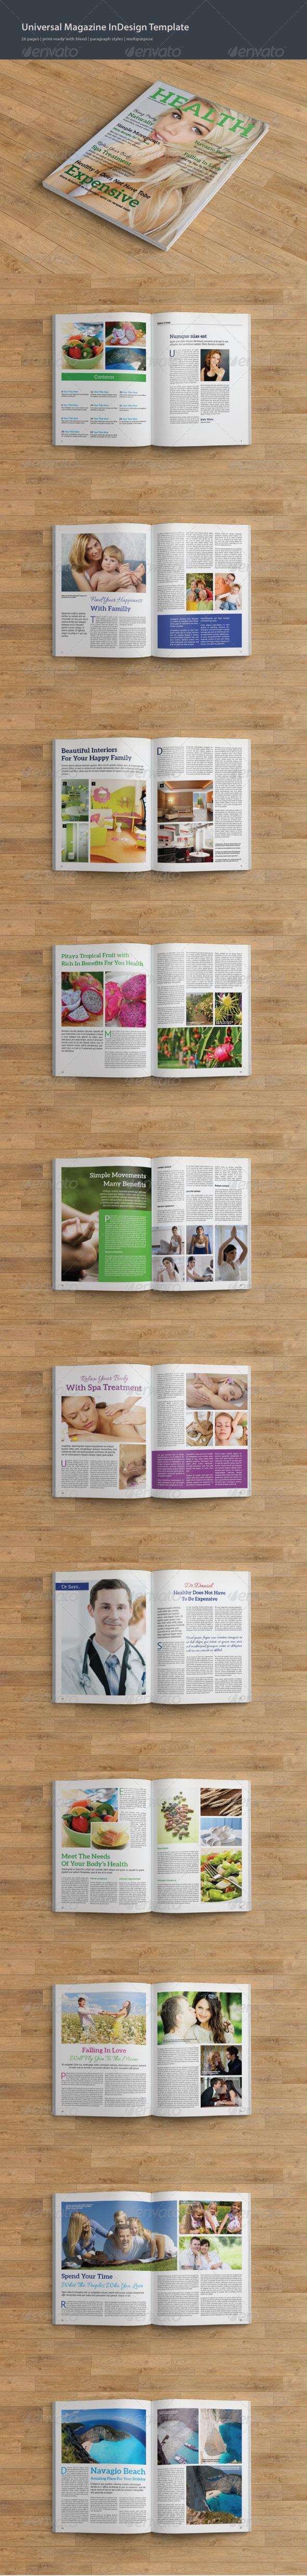 GraphicRiver Health Magazine Template 7852741